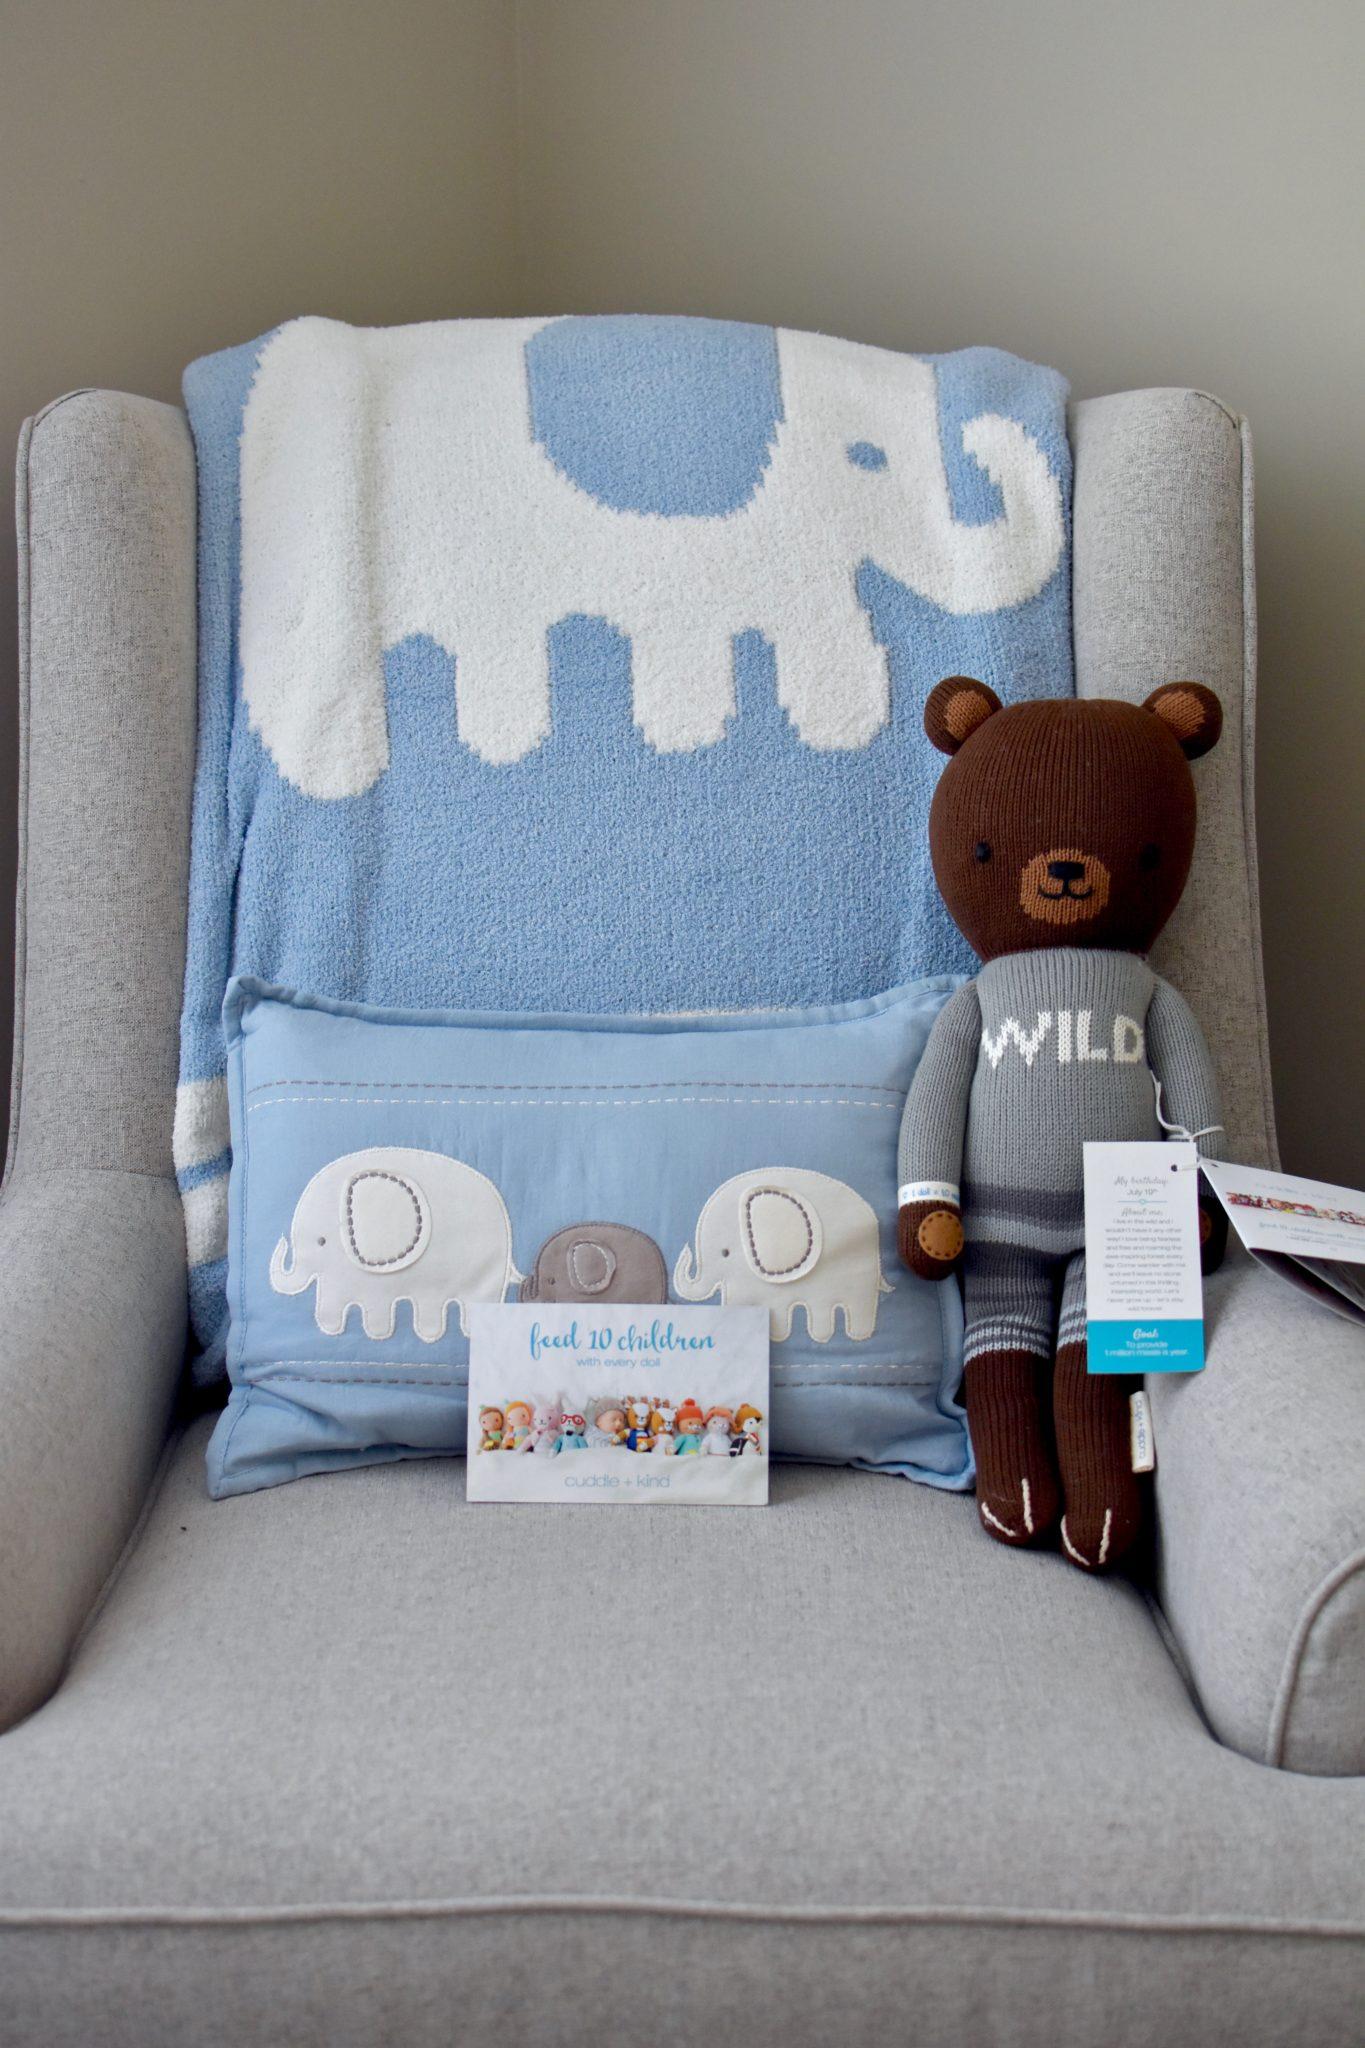 cuddle + kind nursery addition // cait's plate